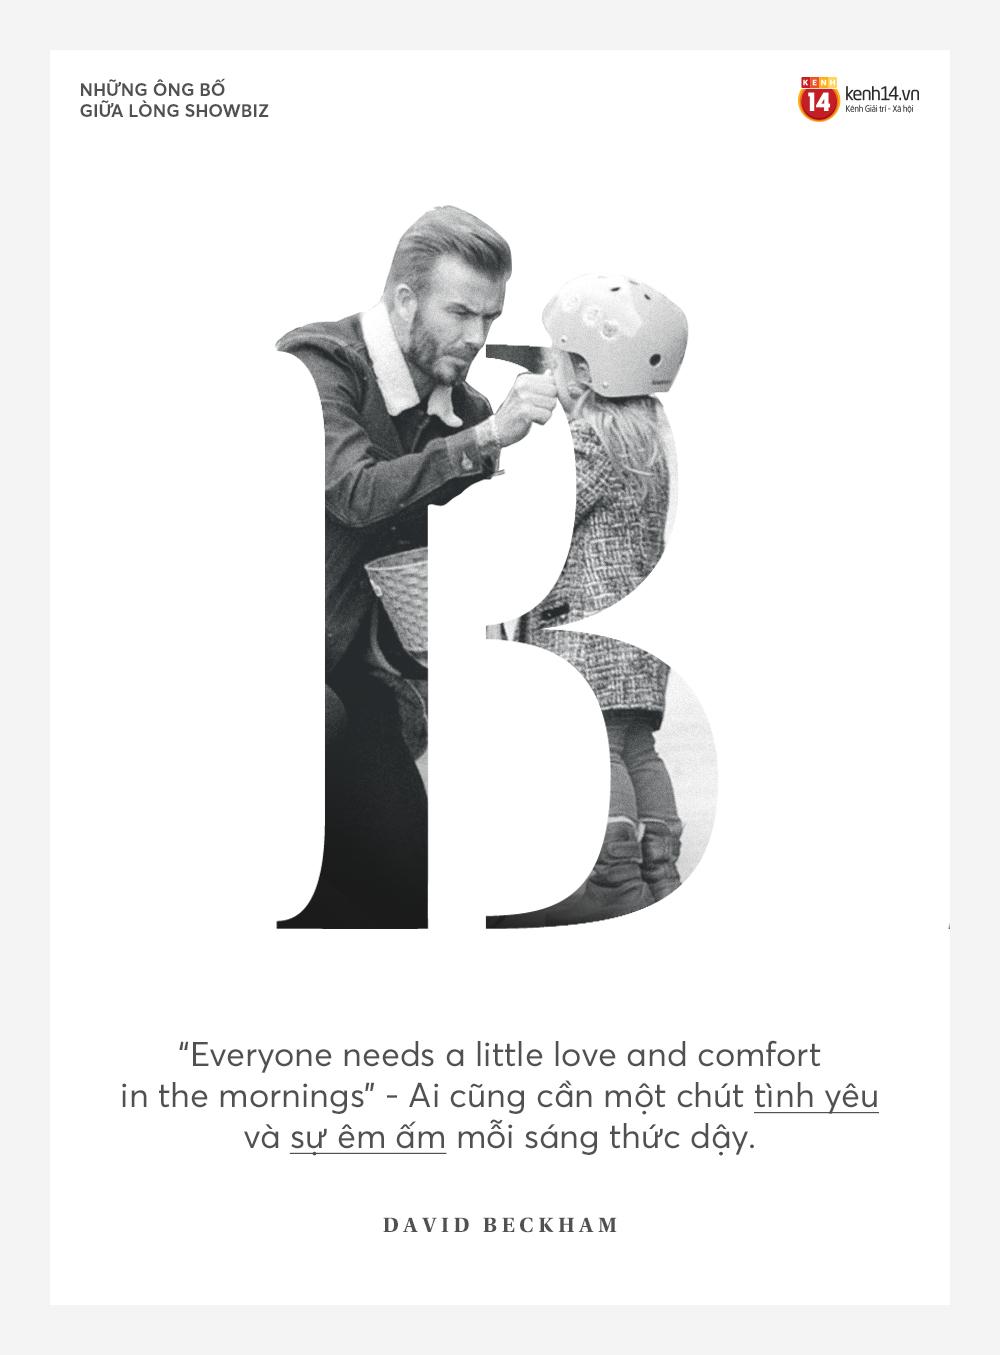 Các ông bố giữa lòng showbiz: Thước đo hạnh phúc là cách ta thể hiện với những người gần gũi nhất - Ảnh 1.